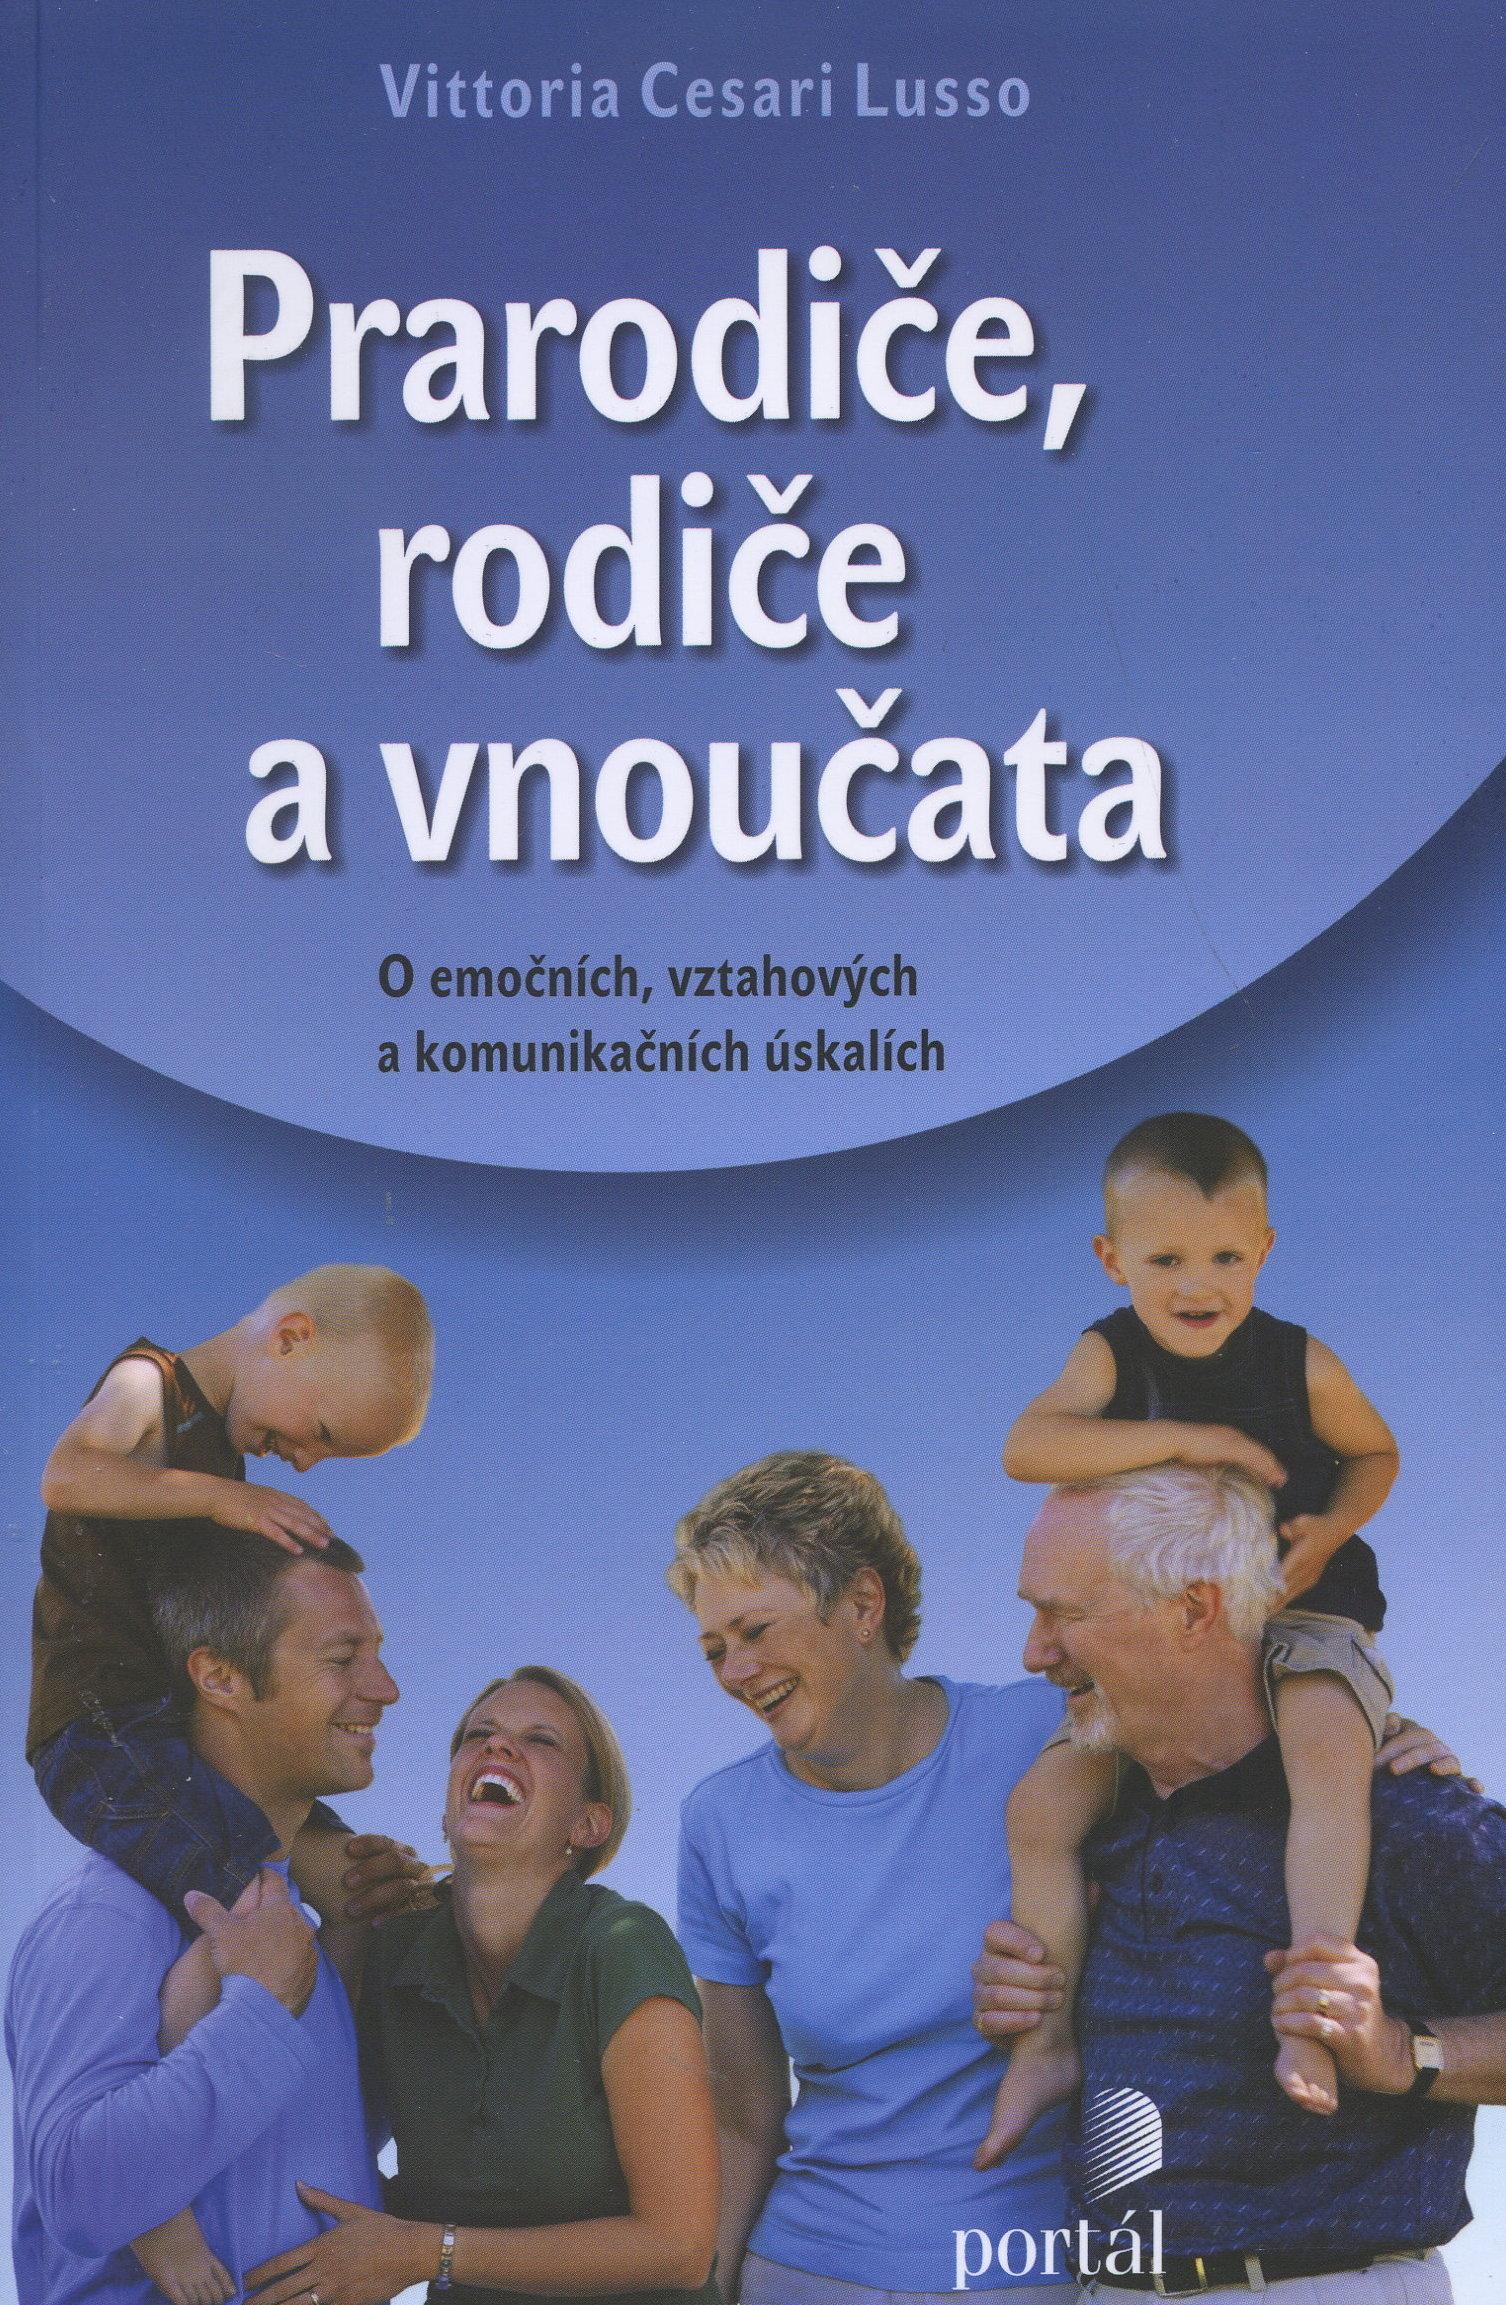 Prarodiče, rodiče a vnoučata